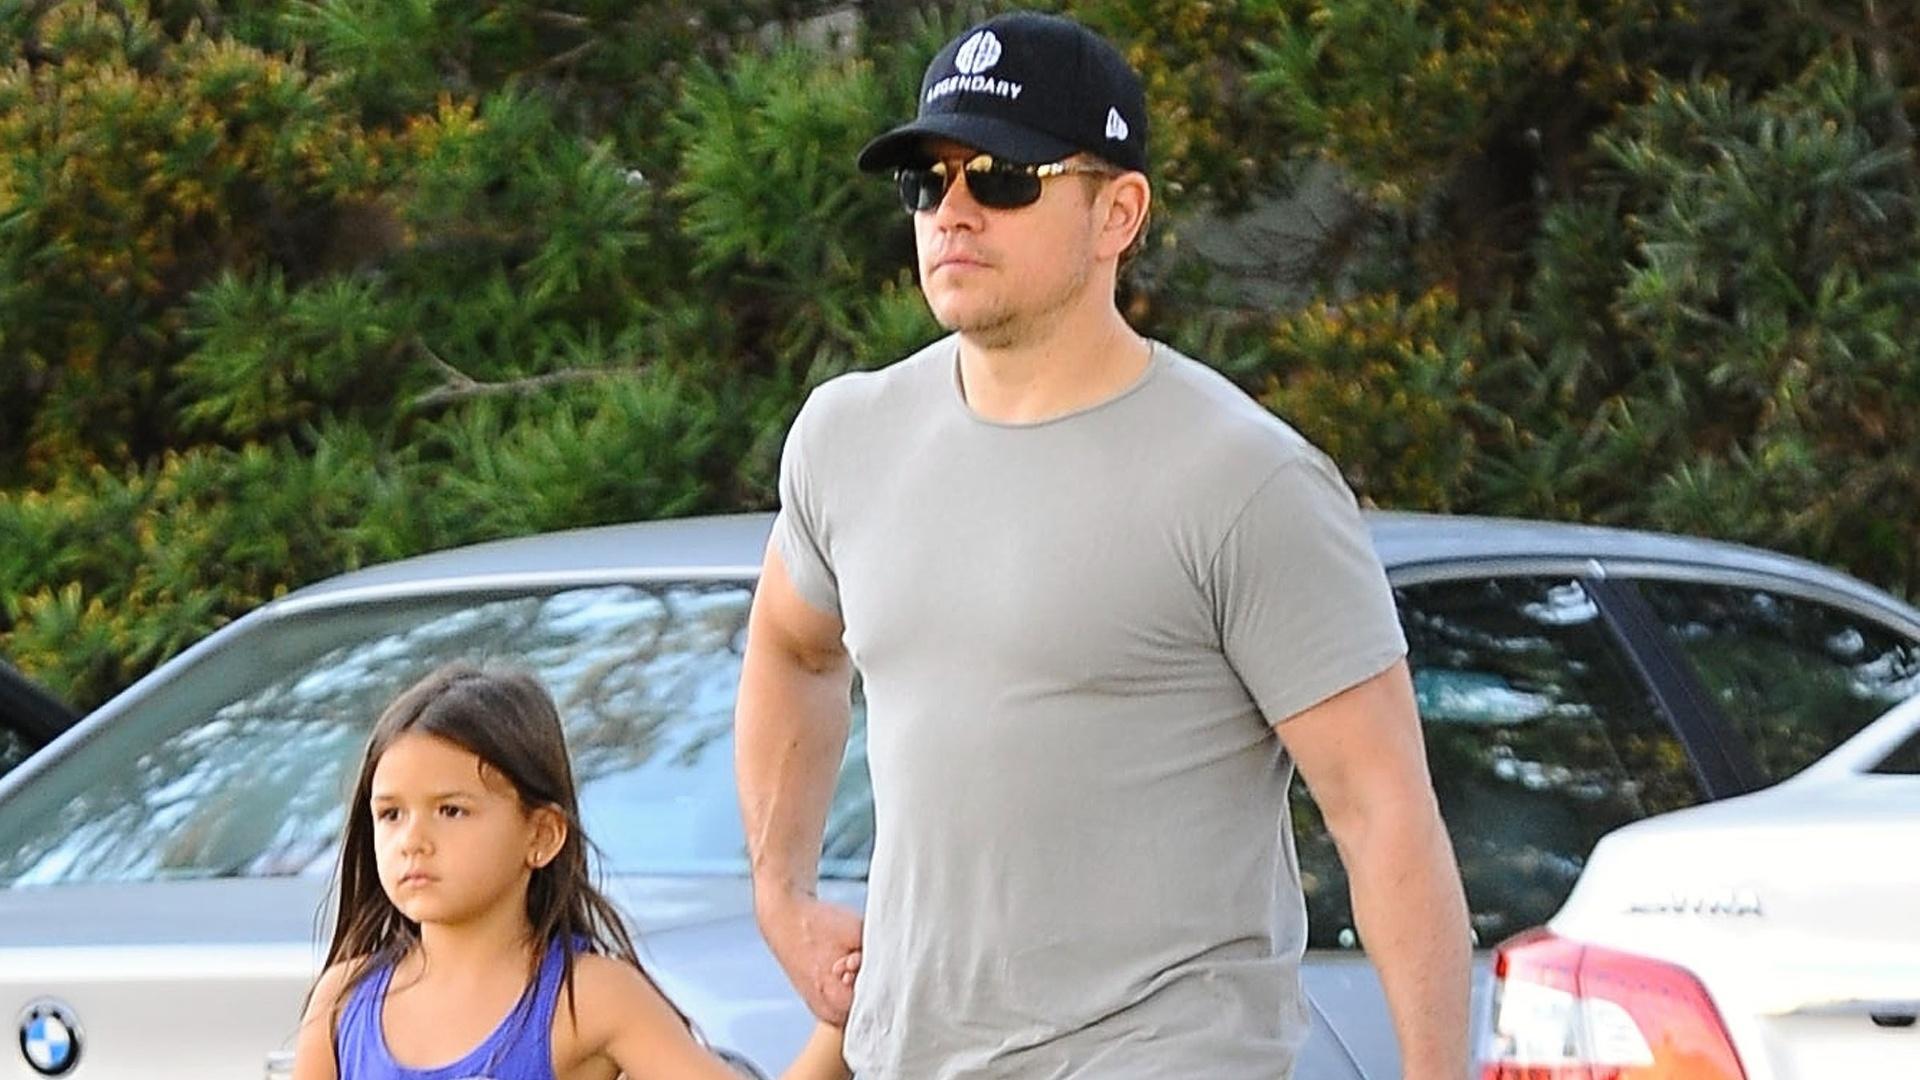 16.mar.2015 - O ator Matt Damon foi clicado enquanto passeava com a filha Gia